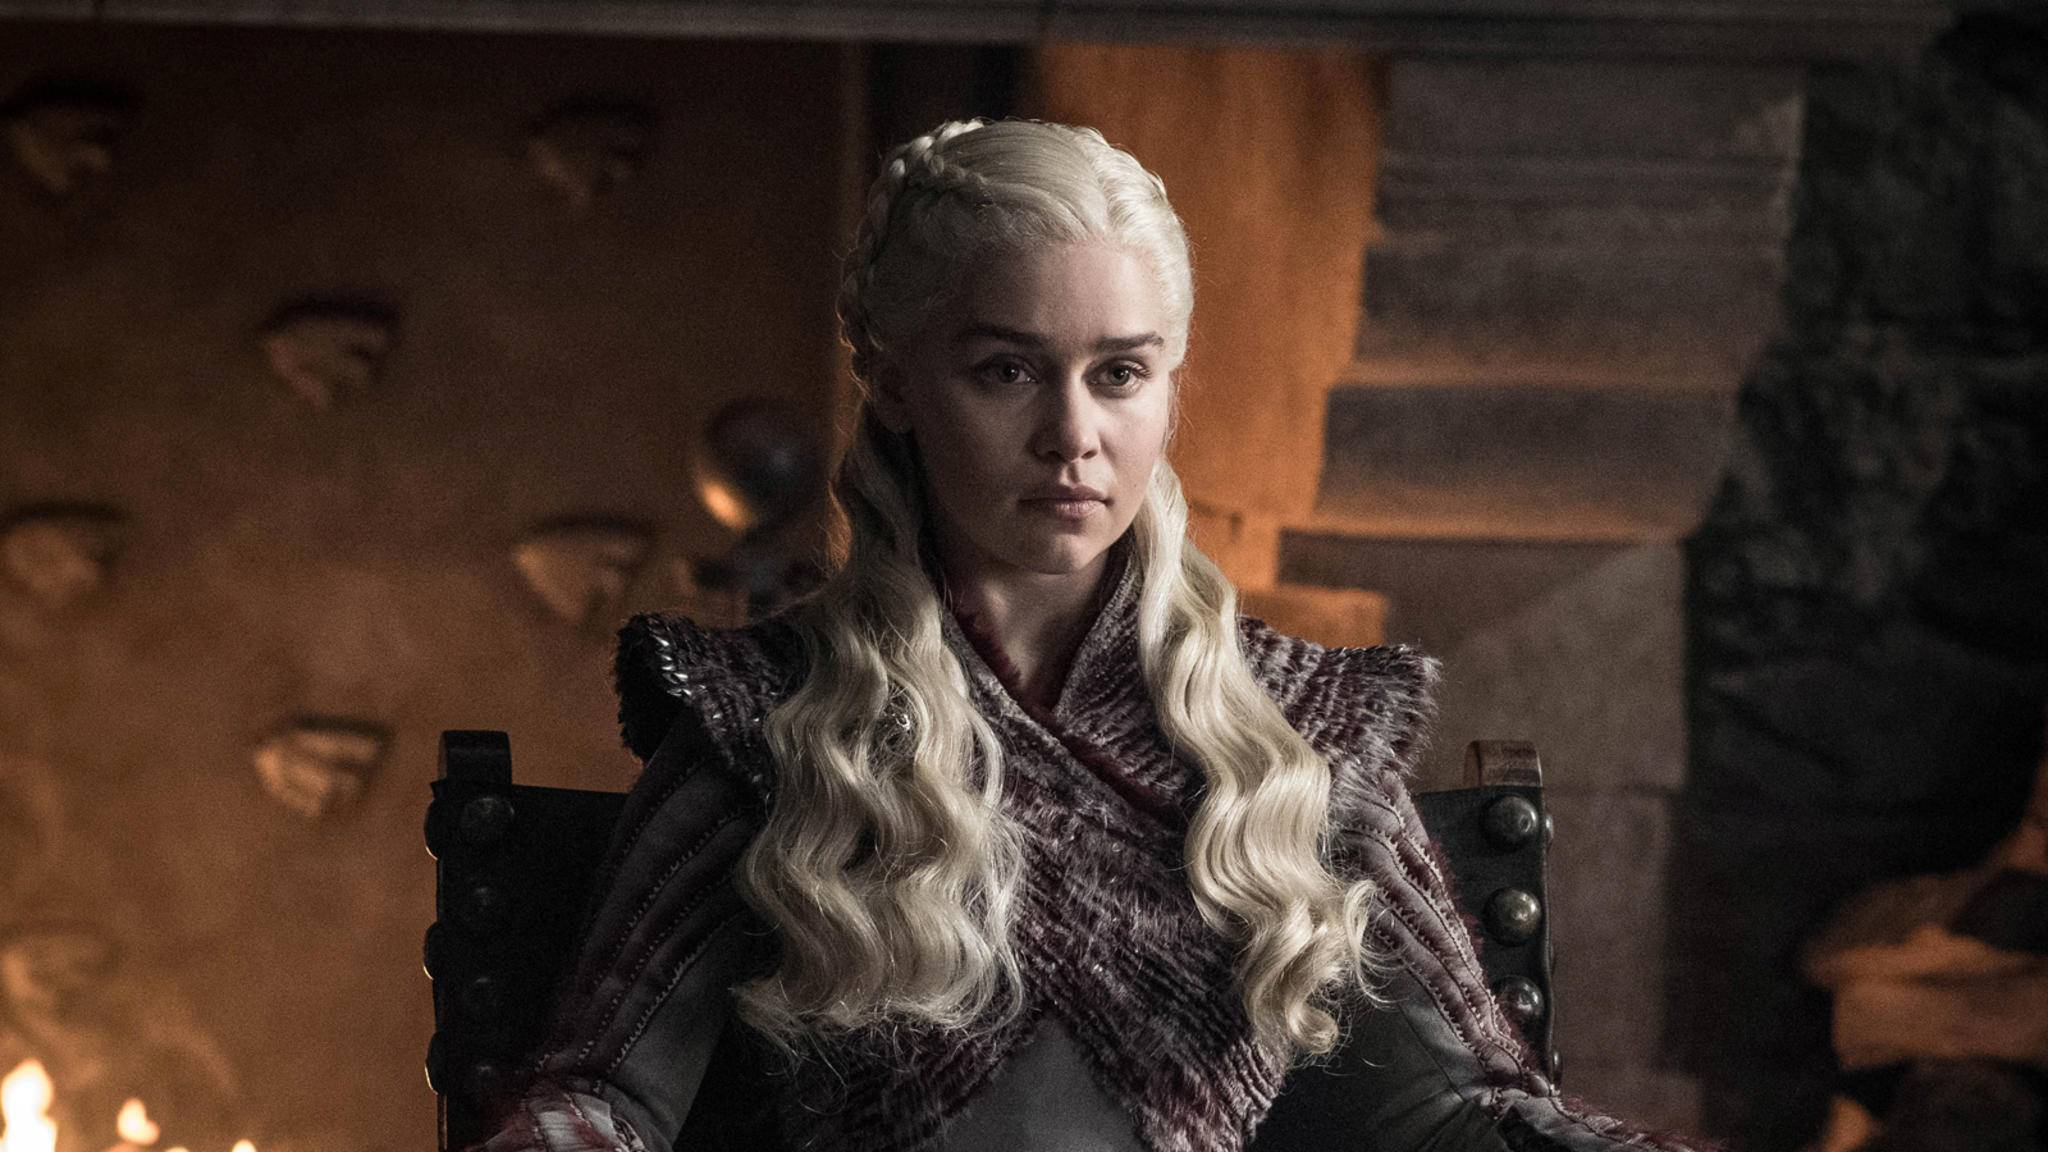 Kaffee statt des gewünschten Tees? HBO reagiert schlagfertig auf den Starbucks-Fail.